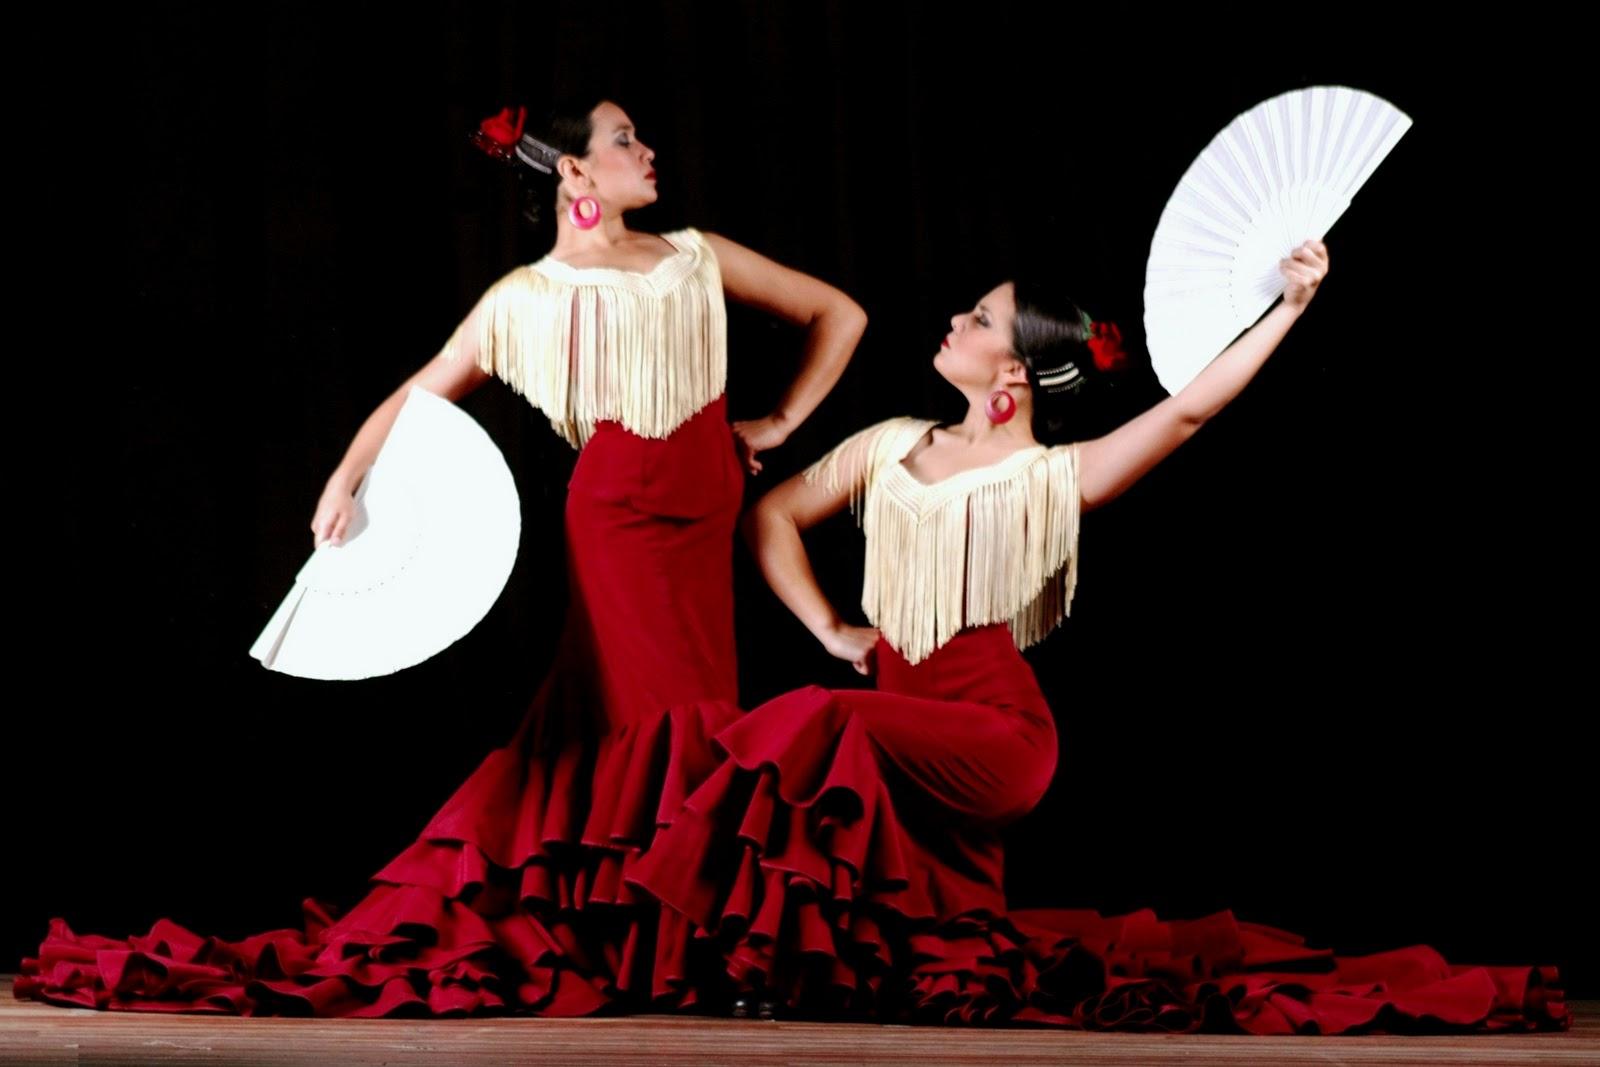 Коллектив фламенко «Фламенкура» смотреть фото